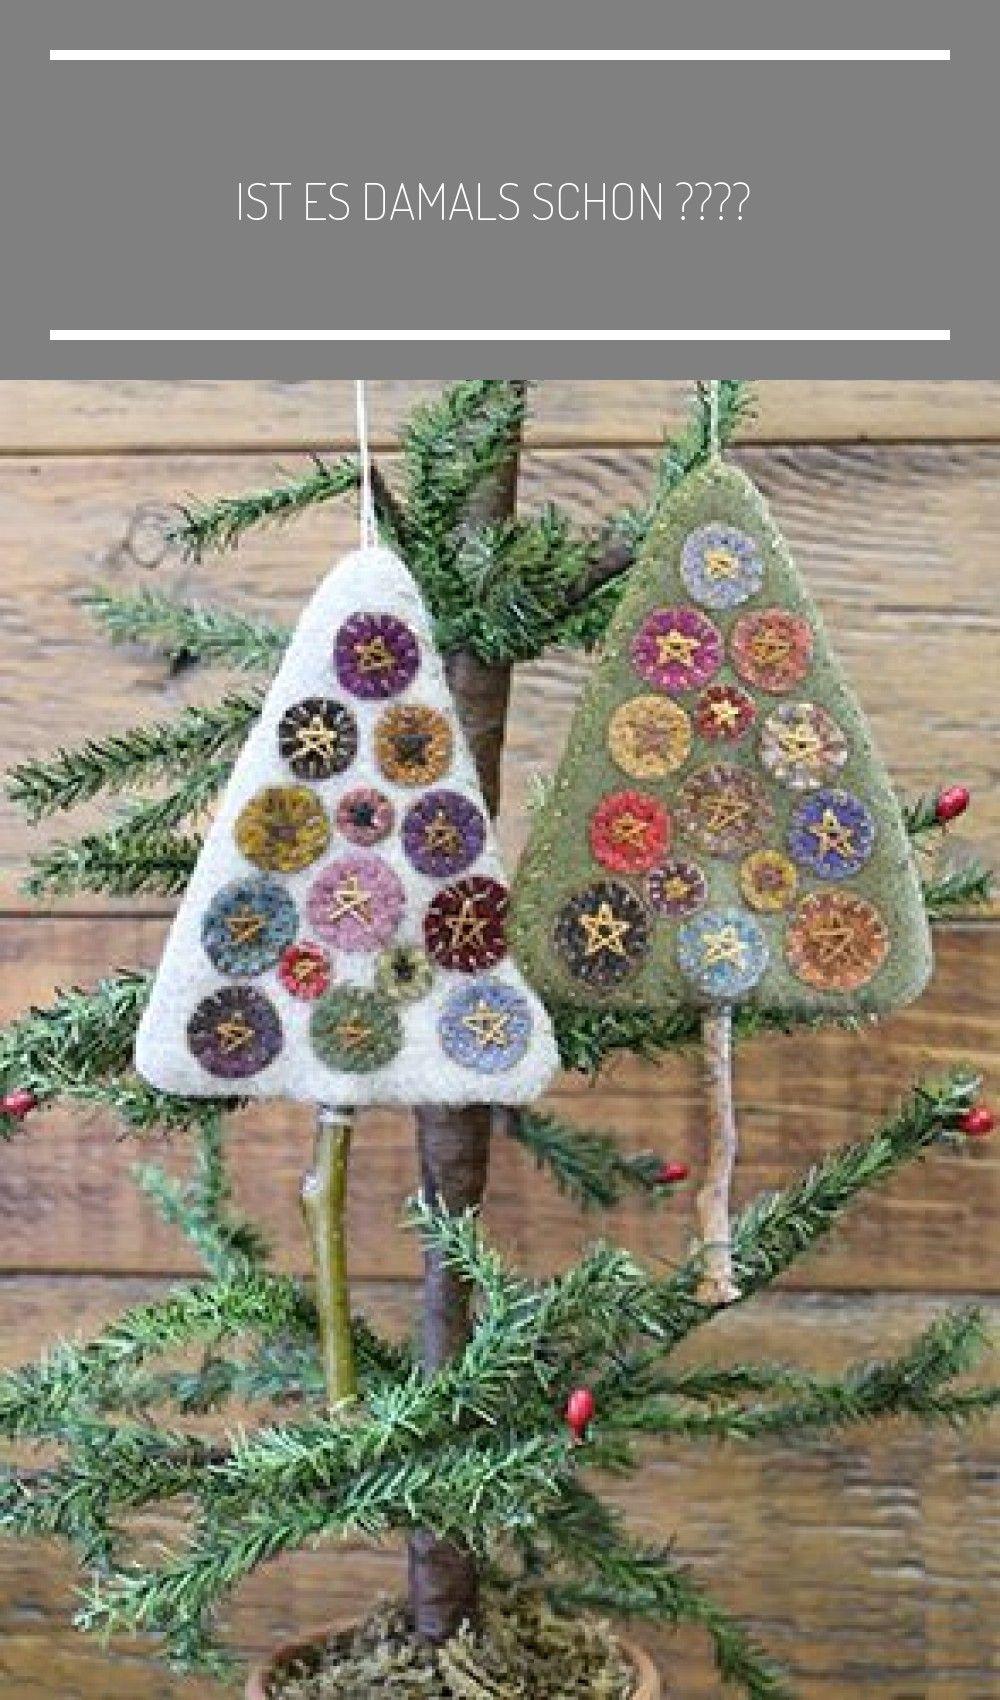 Ist Es Damals Schon Damals Es Ist Schon Tree Adornos De Navidad De Patchwork In 2020 Felt Christmas Ornaments Felt Christmas Decorations Christmas Crafts